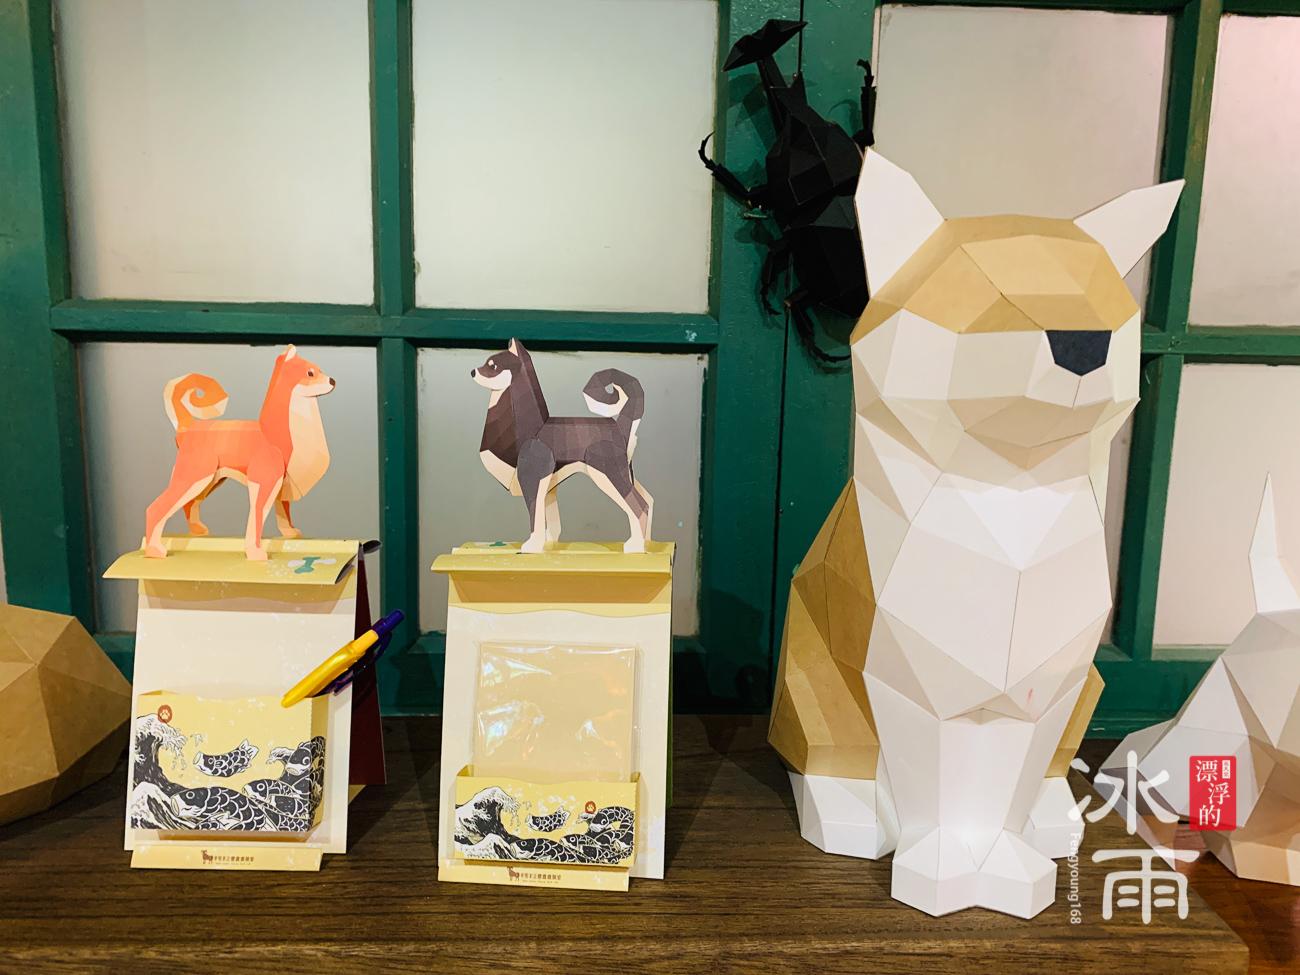 悅樂書店|店裡面的超可愛設計小物